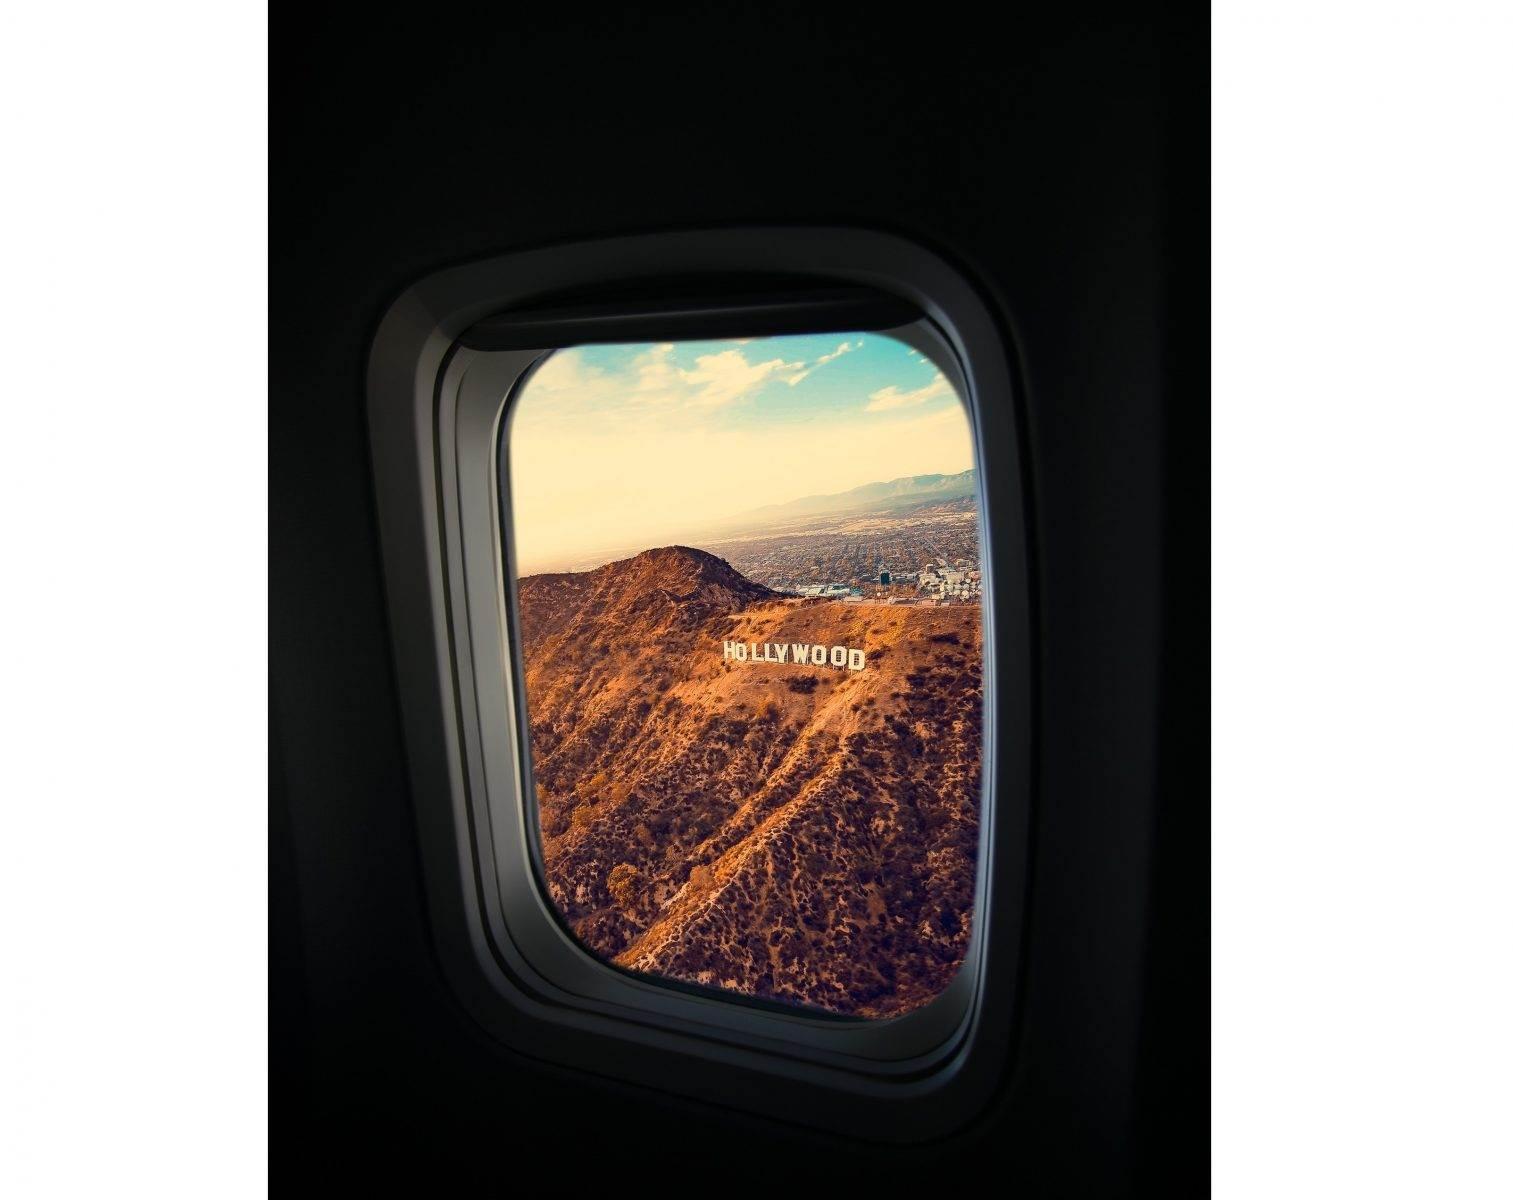 Vista desde la ventanilla de un avión del cartel Hollywood de Los Ángeles